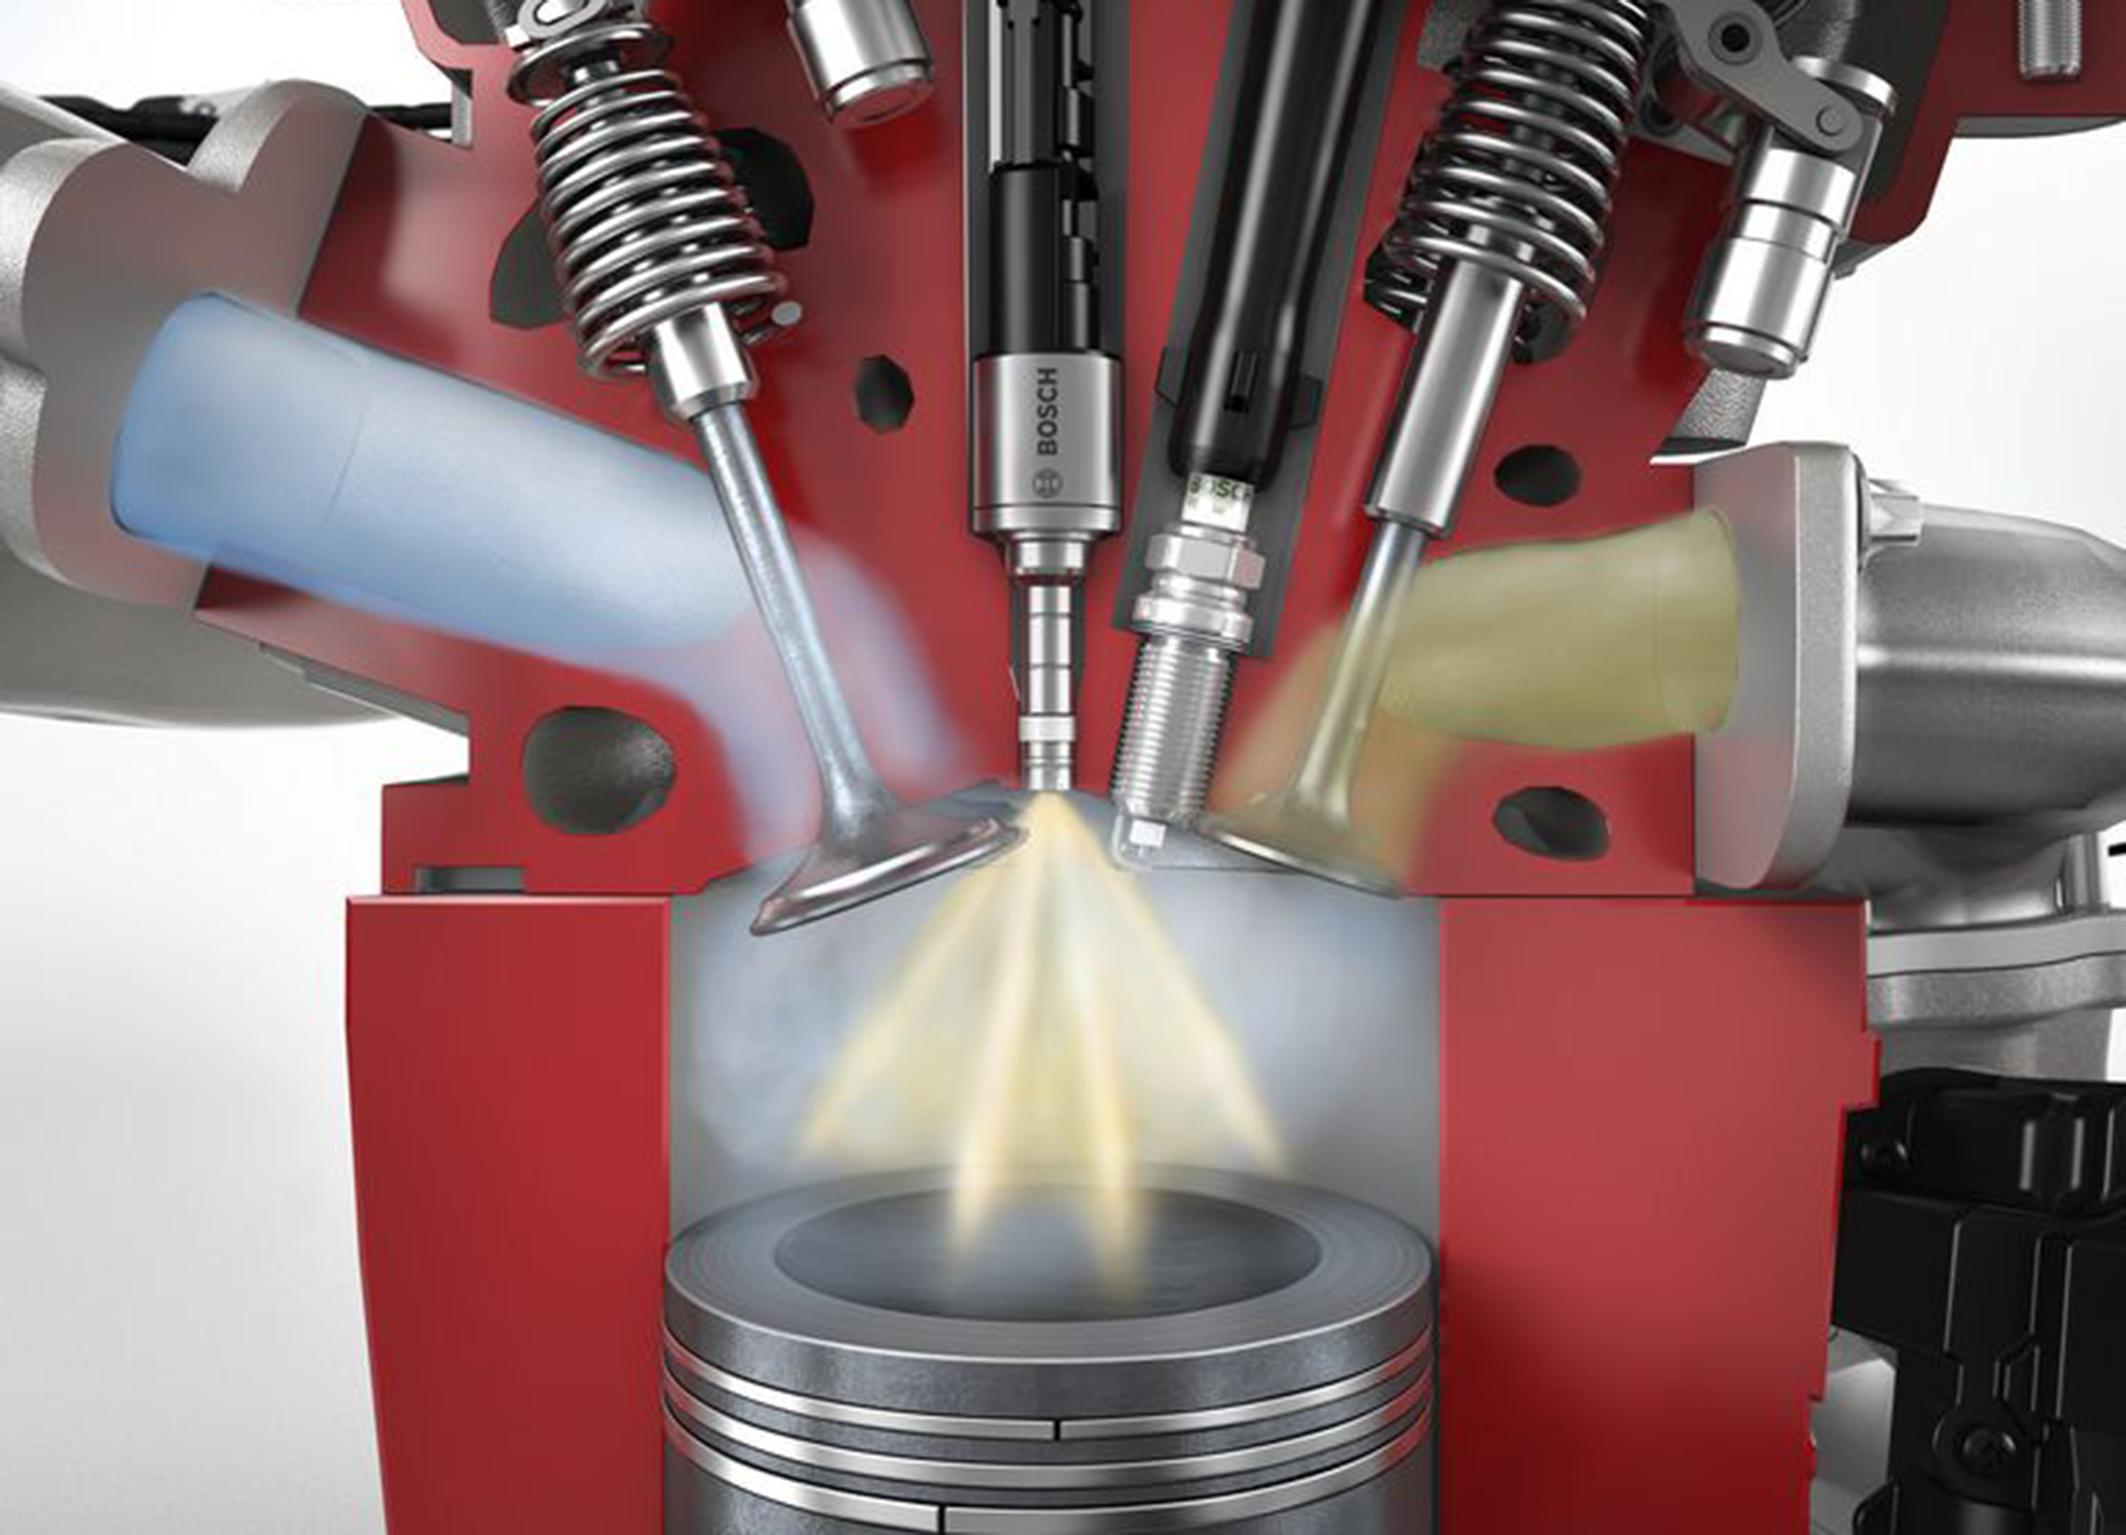 Benzindirekteinspritzung: Leistungsstark und auf dem Vormarsch